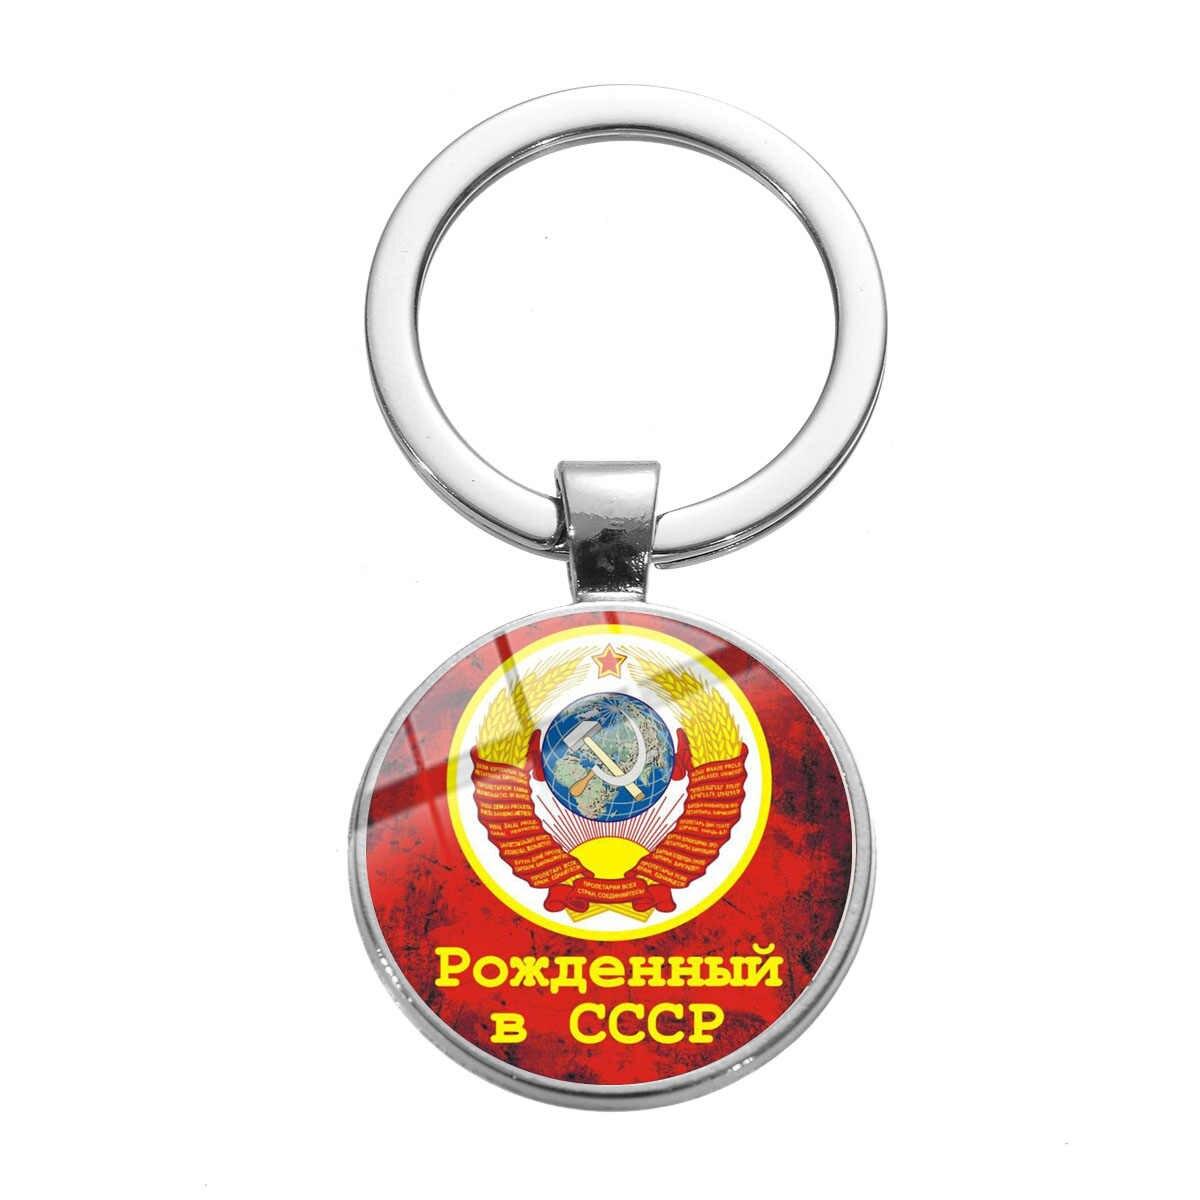 Kualitas Tinggi Uni Soviet Pro Kitty Soviet Gantungan Kunci Sabit Hammer Rusia Lambang Komunisme Tanda Permata Kaca Liontin Logam Kunci Ring Holder